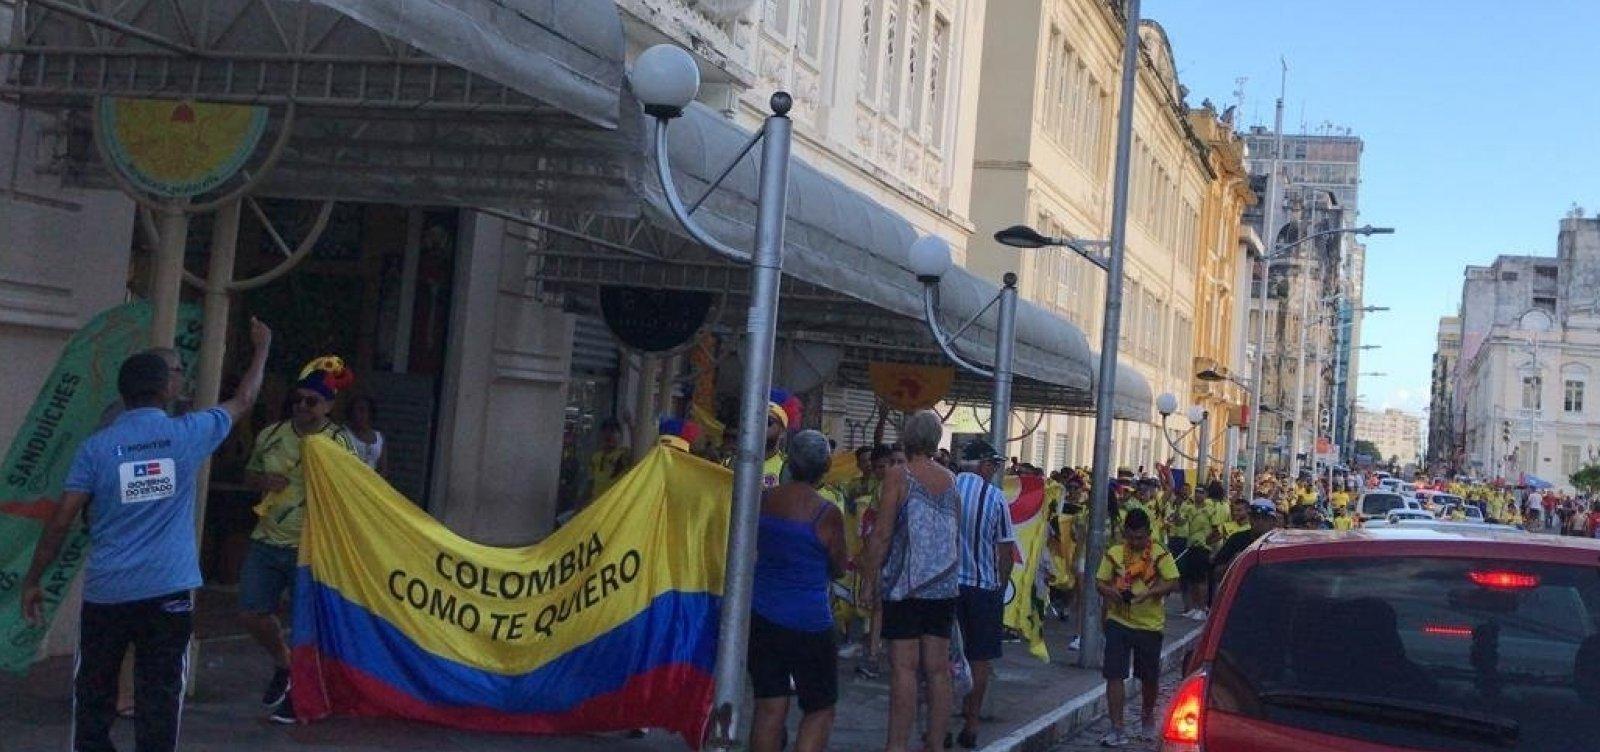 [Colombianos envolvidos em briga na Fonte Nova devem deixar o país em 60 dias, diz PF]